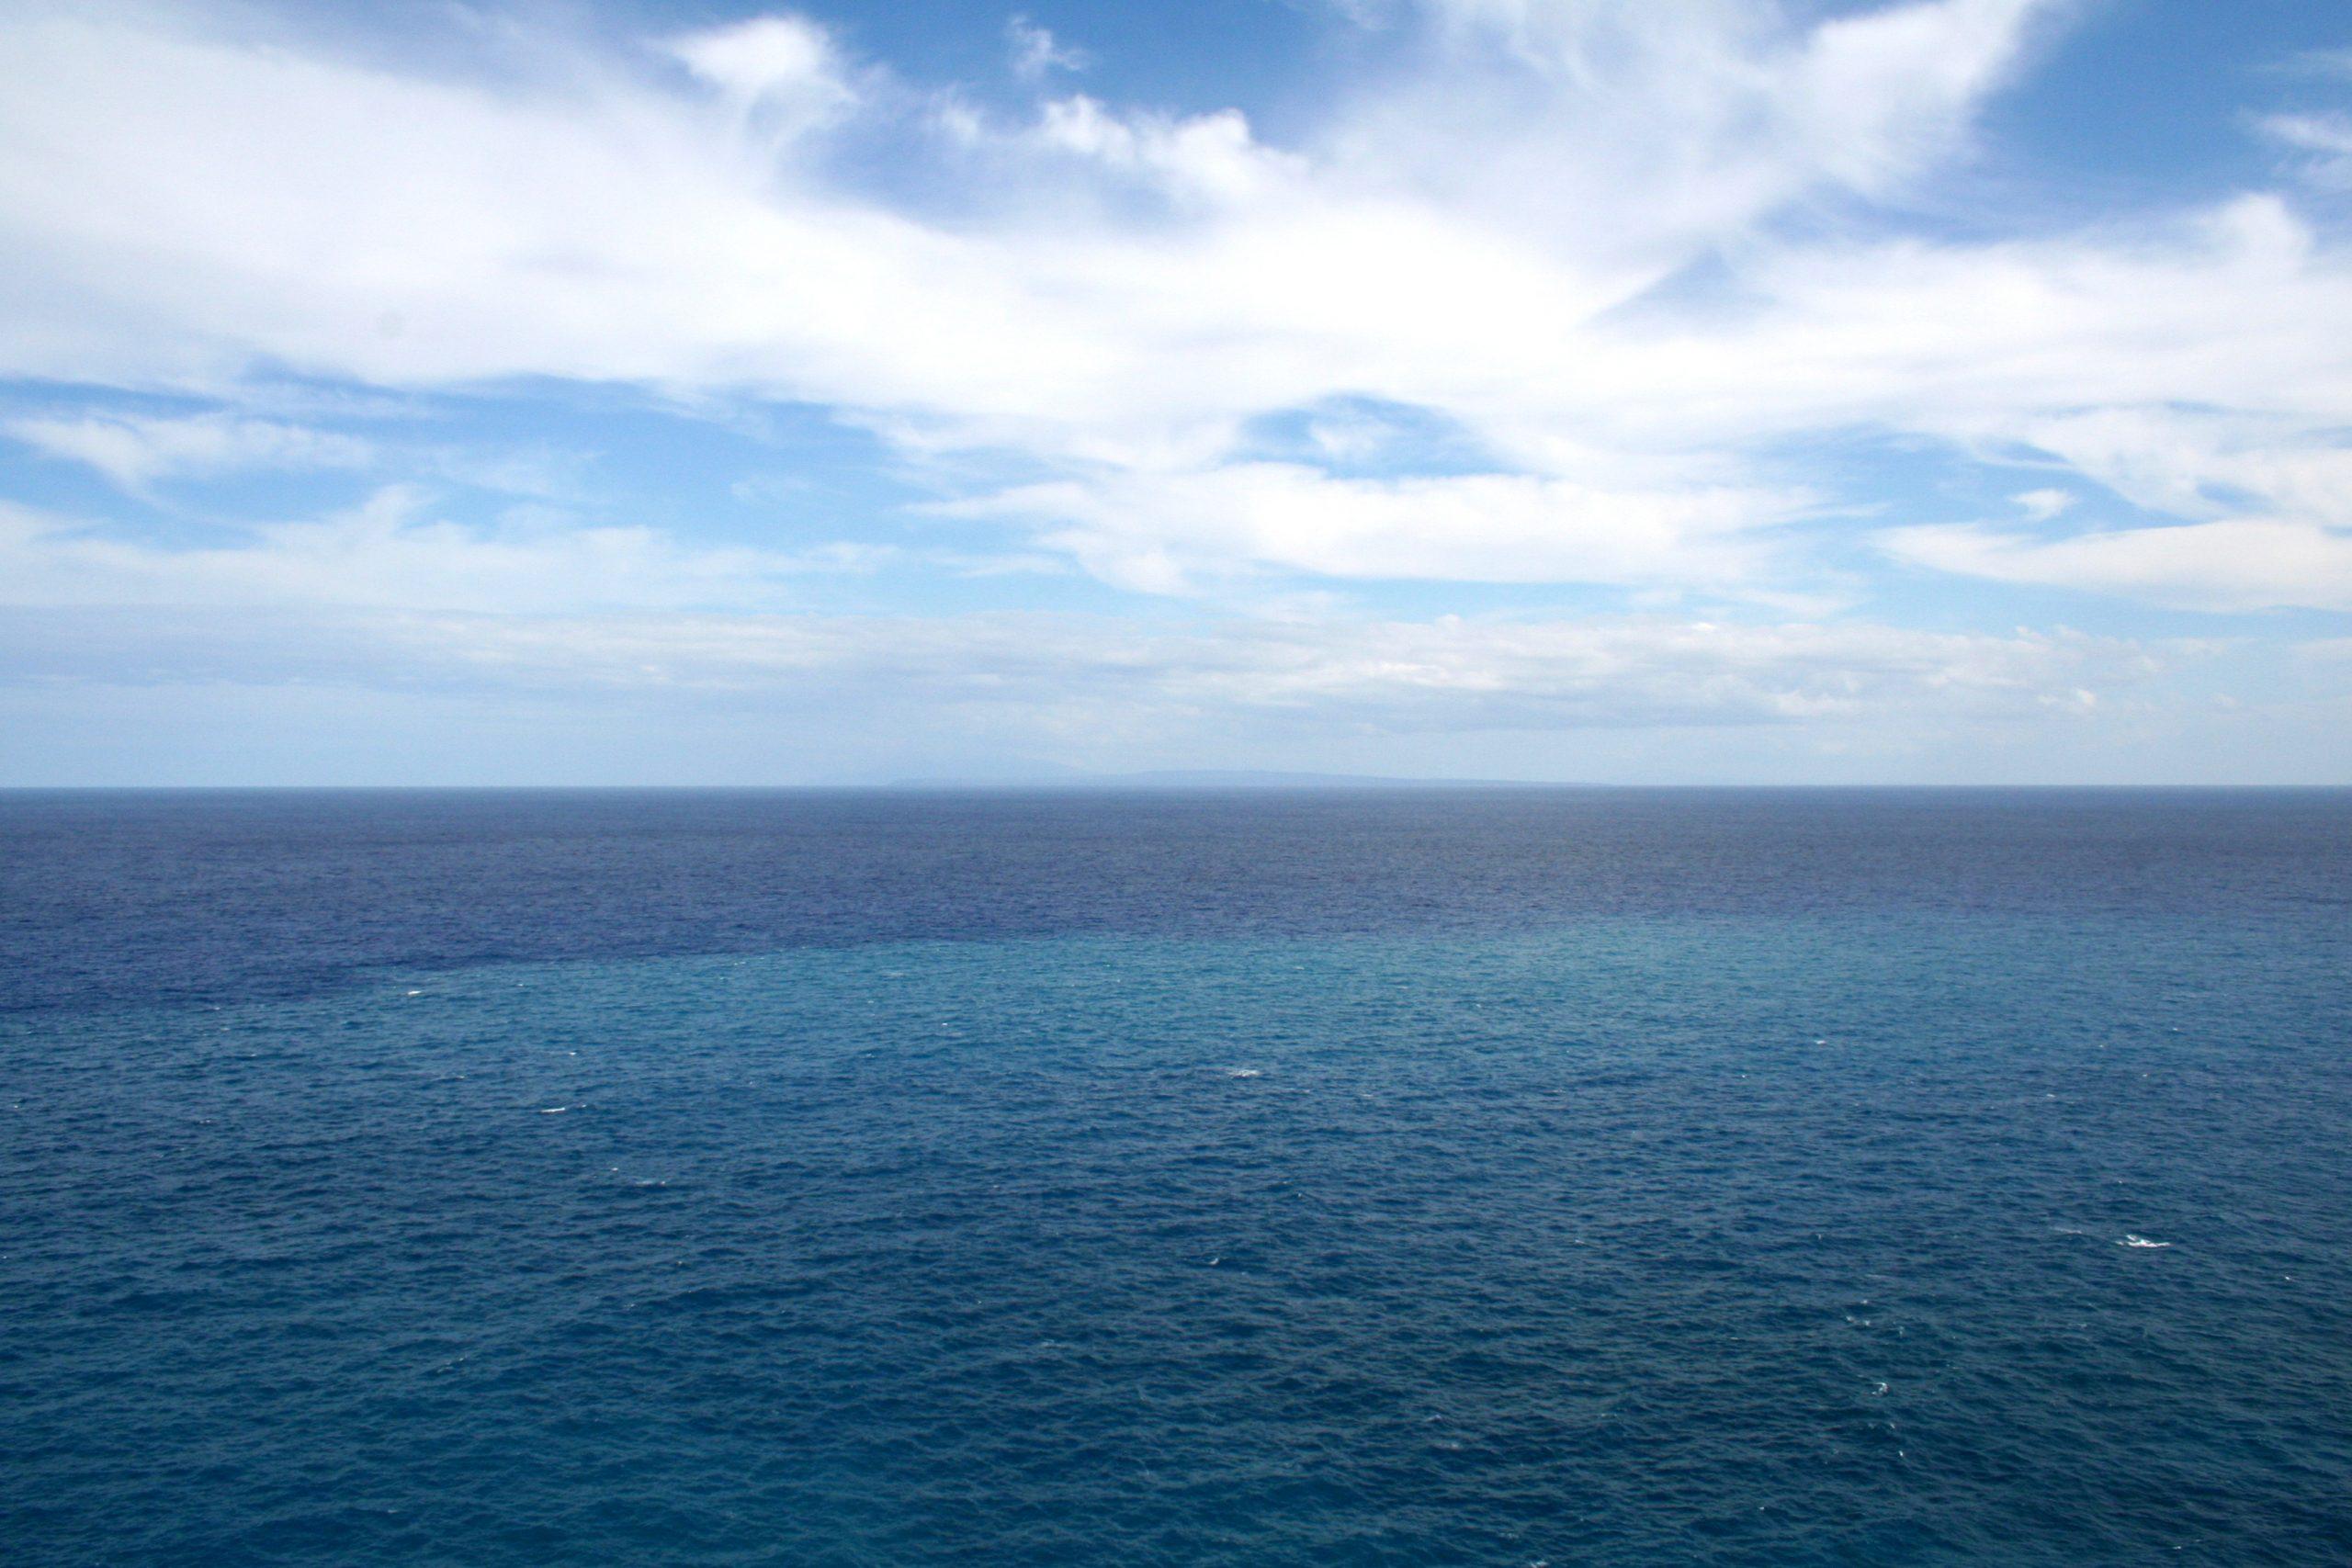 2008, off Makapu'u, Hawaii